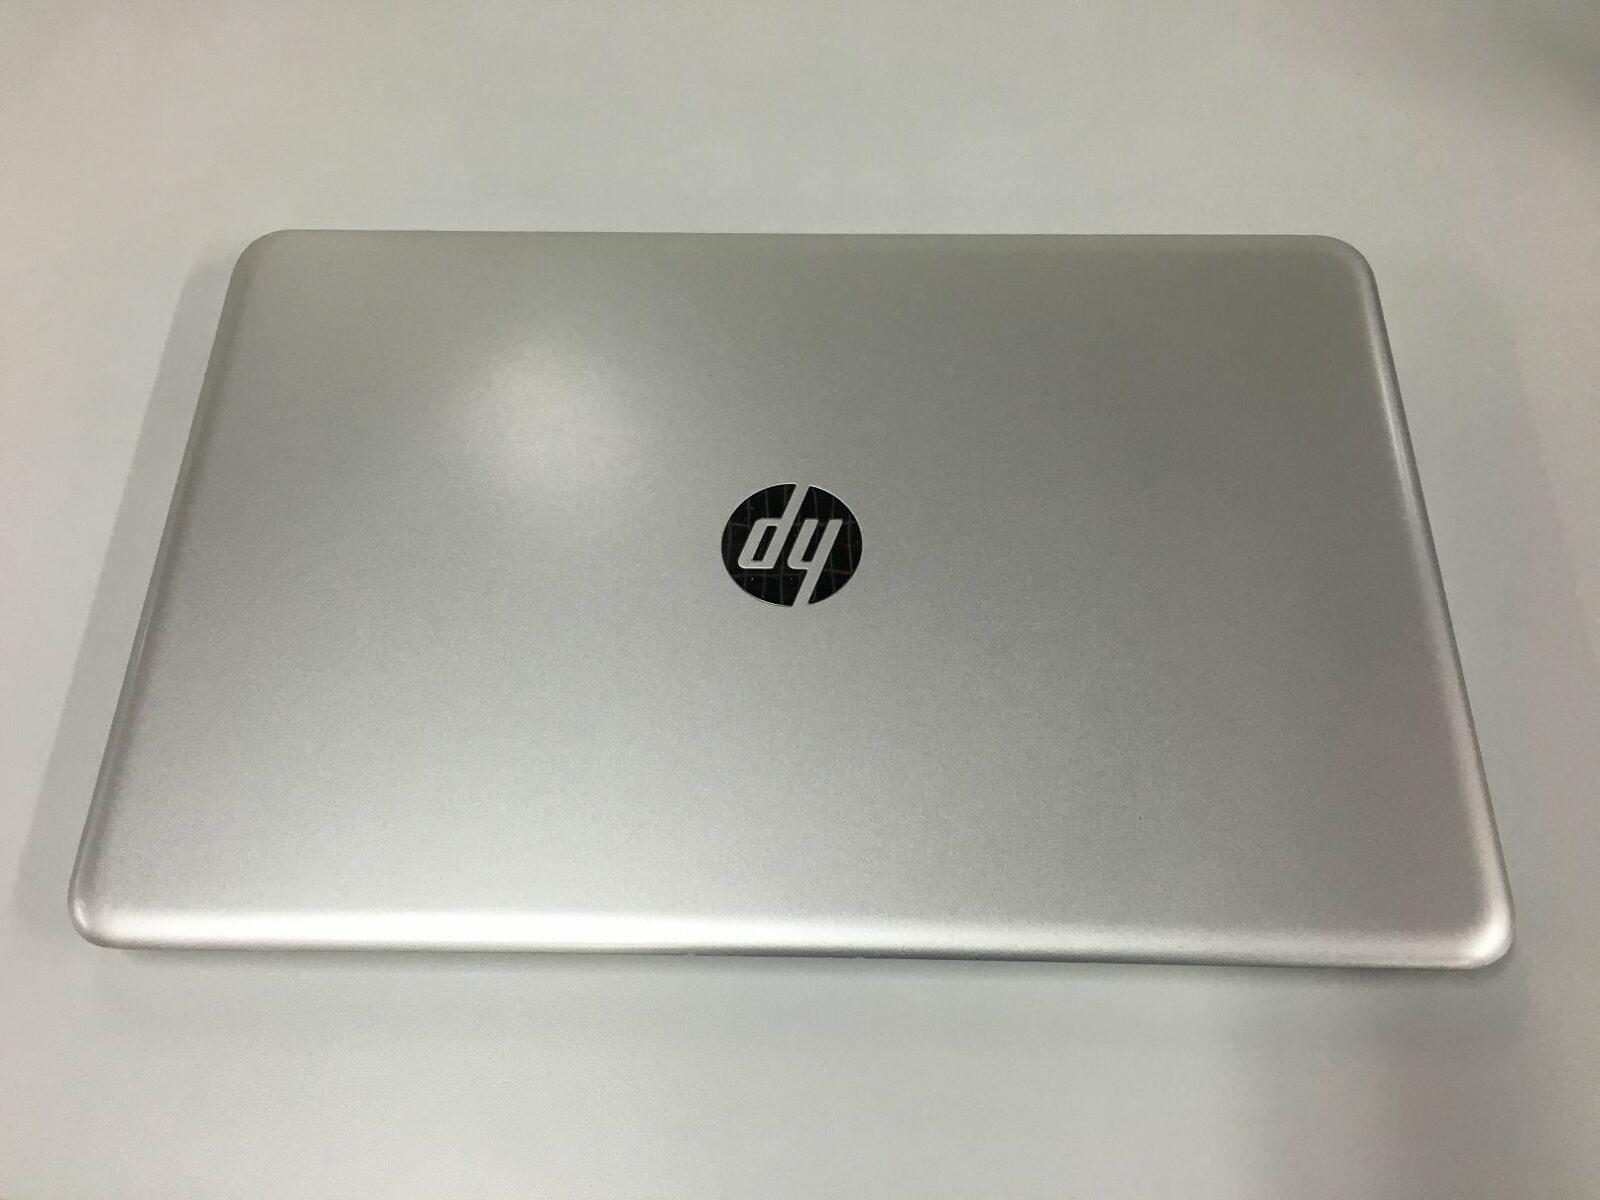 租借 HP 手提電腦